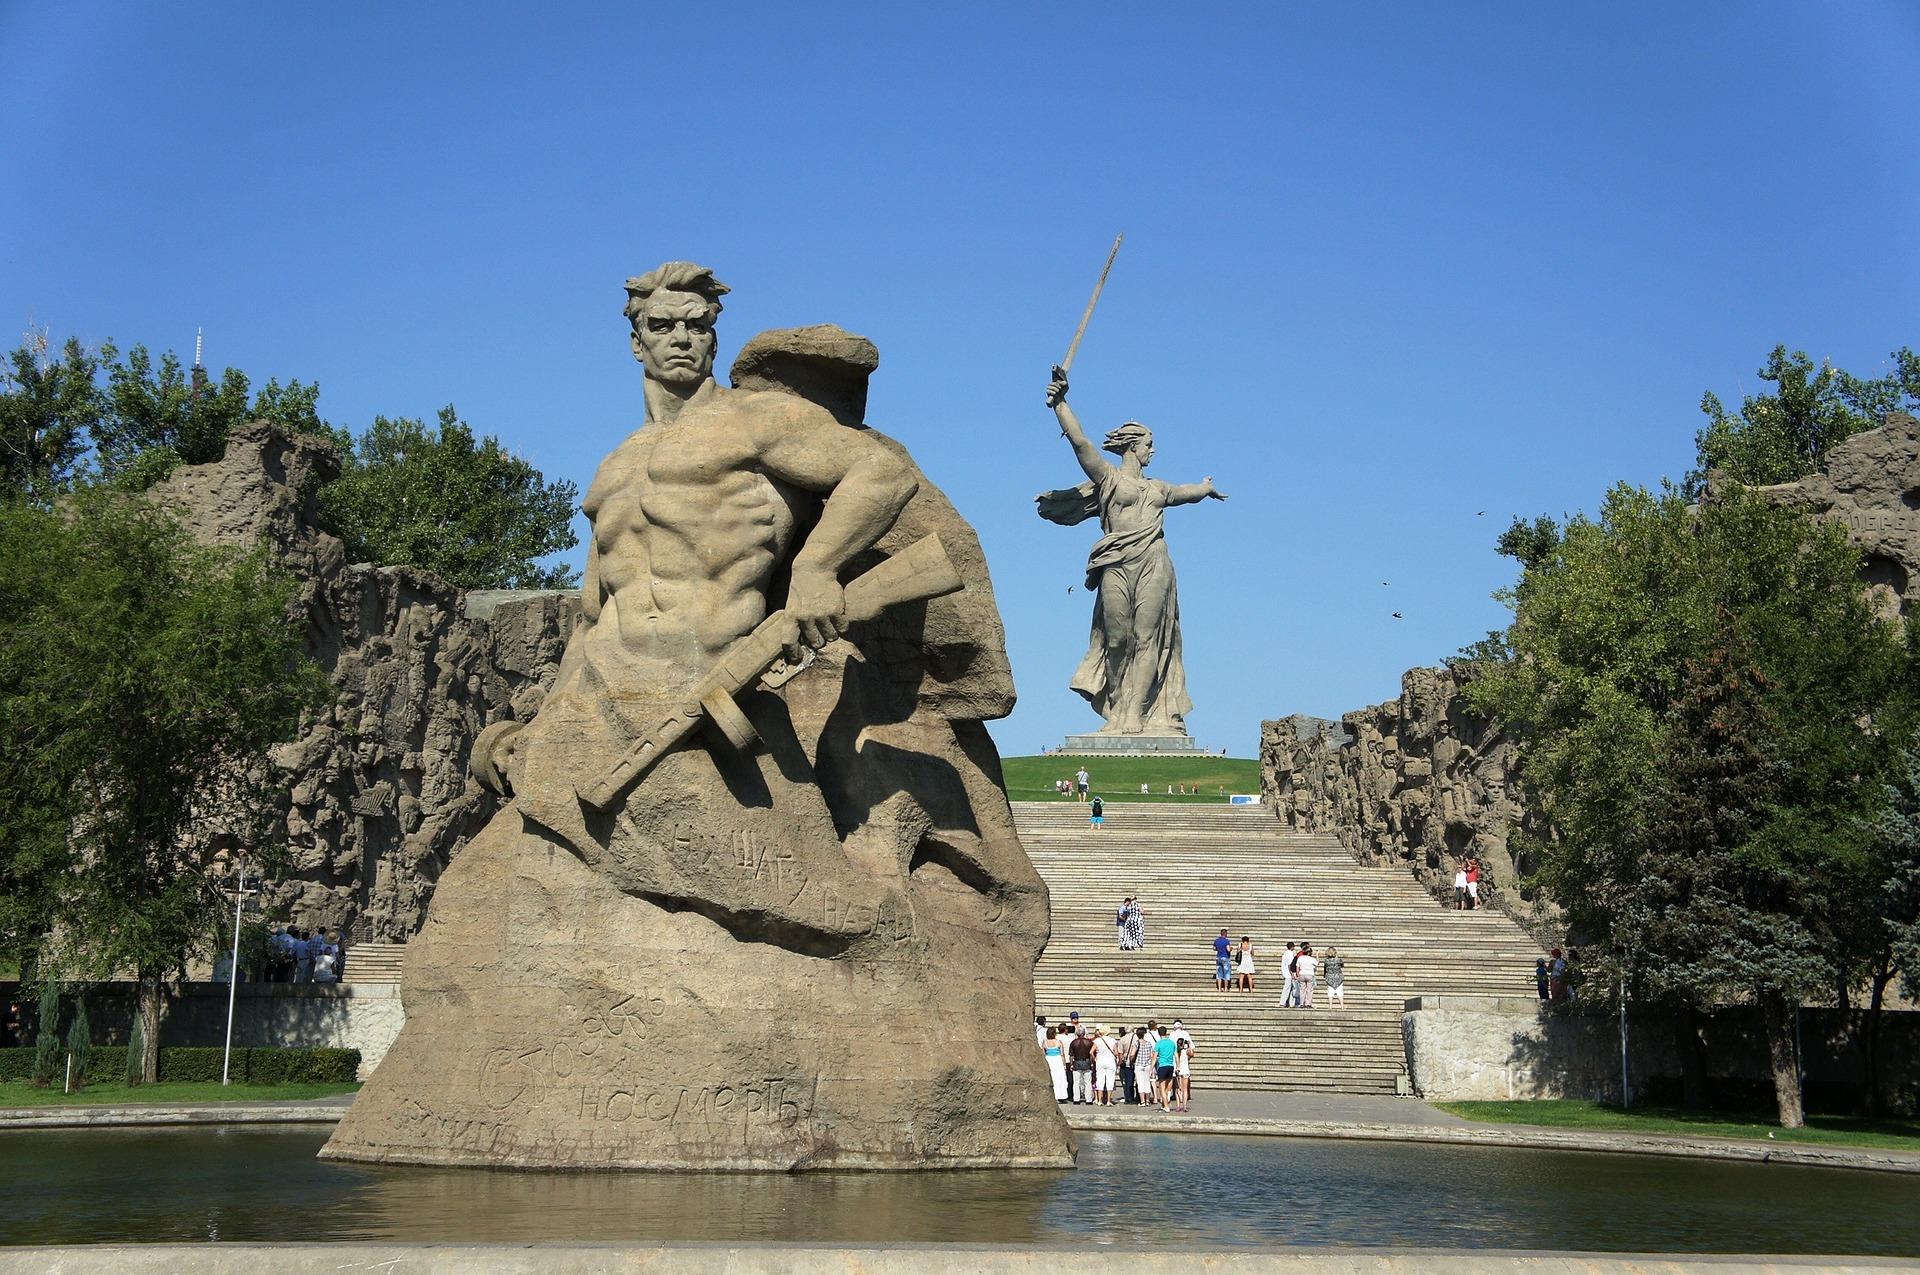 Das heroische Bild vom Krieg spiegelte sich in den gigantischen Denkmal-Anlagen wider / Foto © CC0/Public Domain